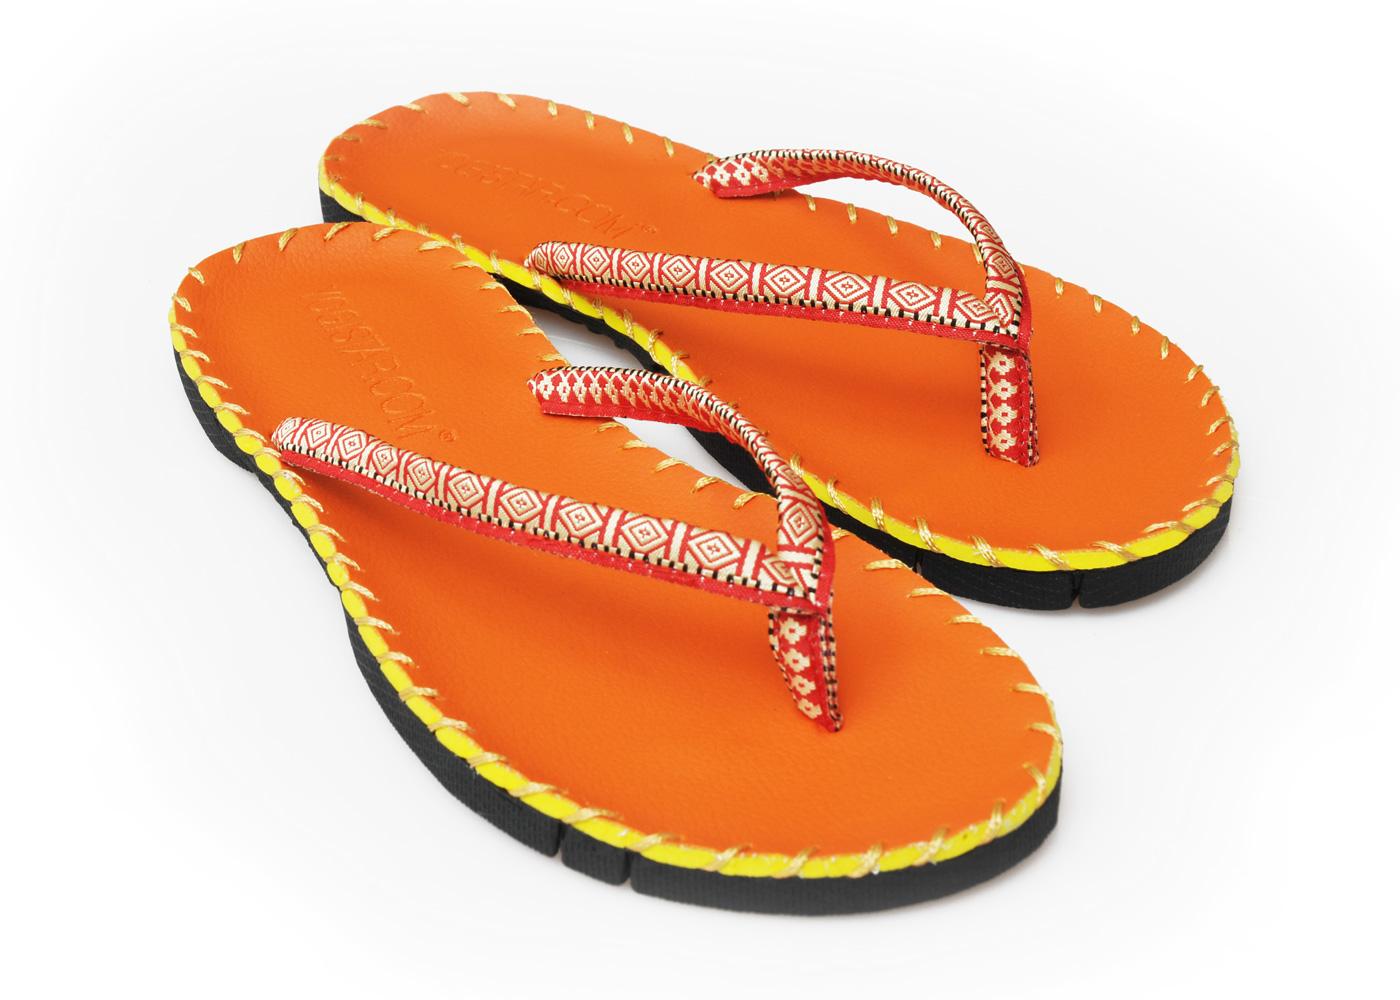 Yoga sandals - orange